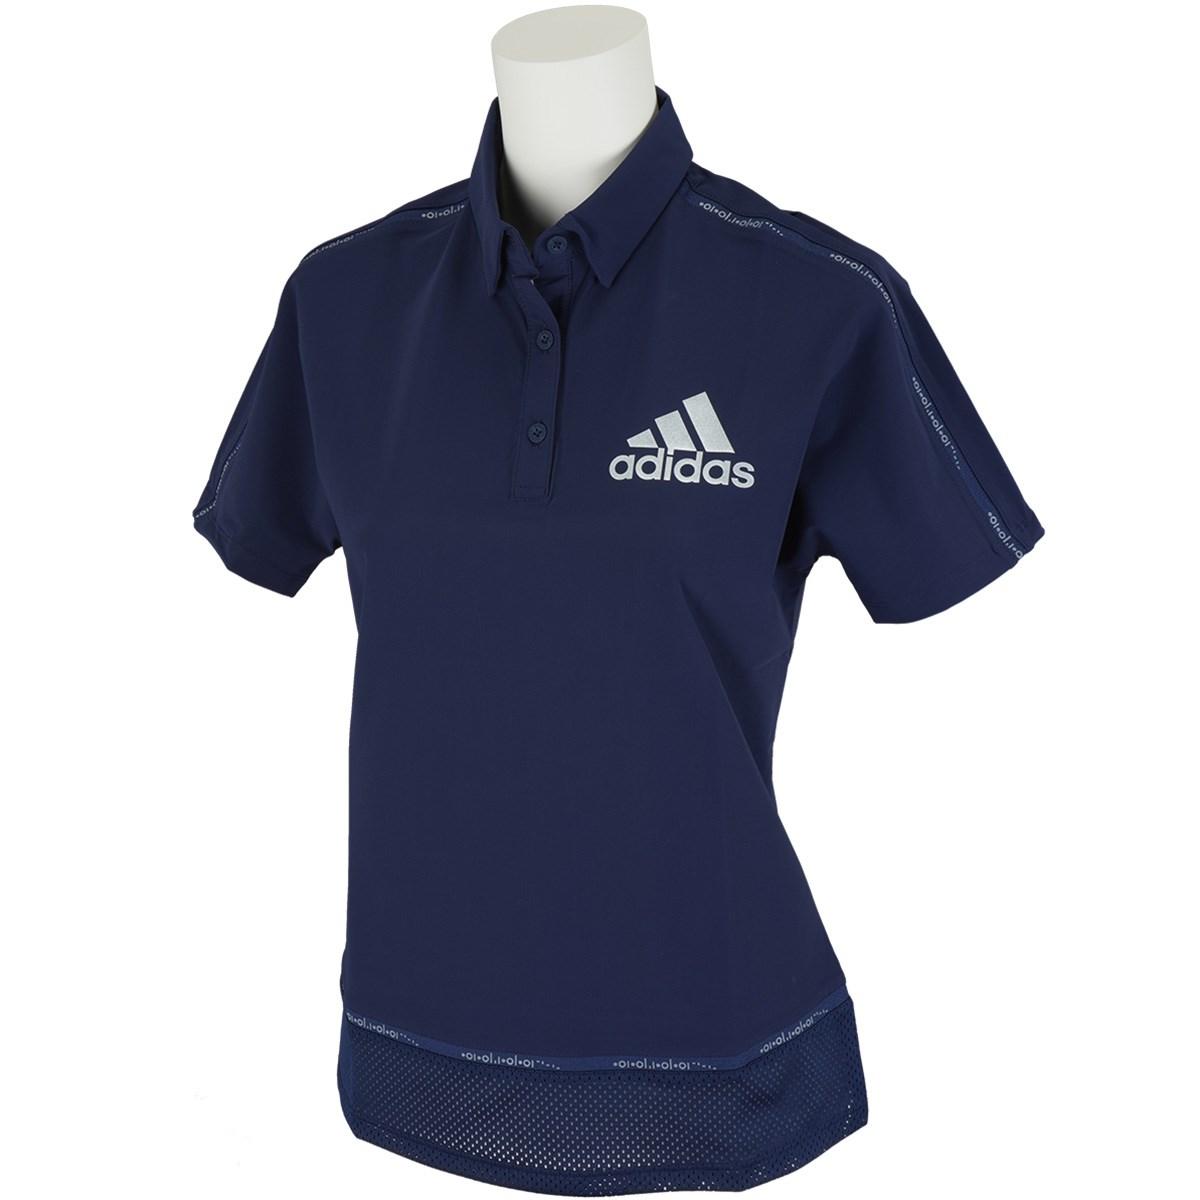 アディダス Adidas ラインド半袖ポロシャツ J/S カレッジネイビー レディス